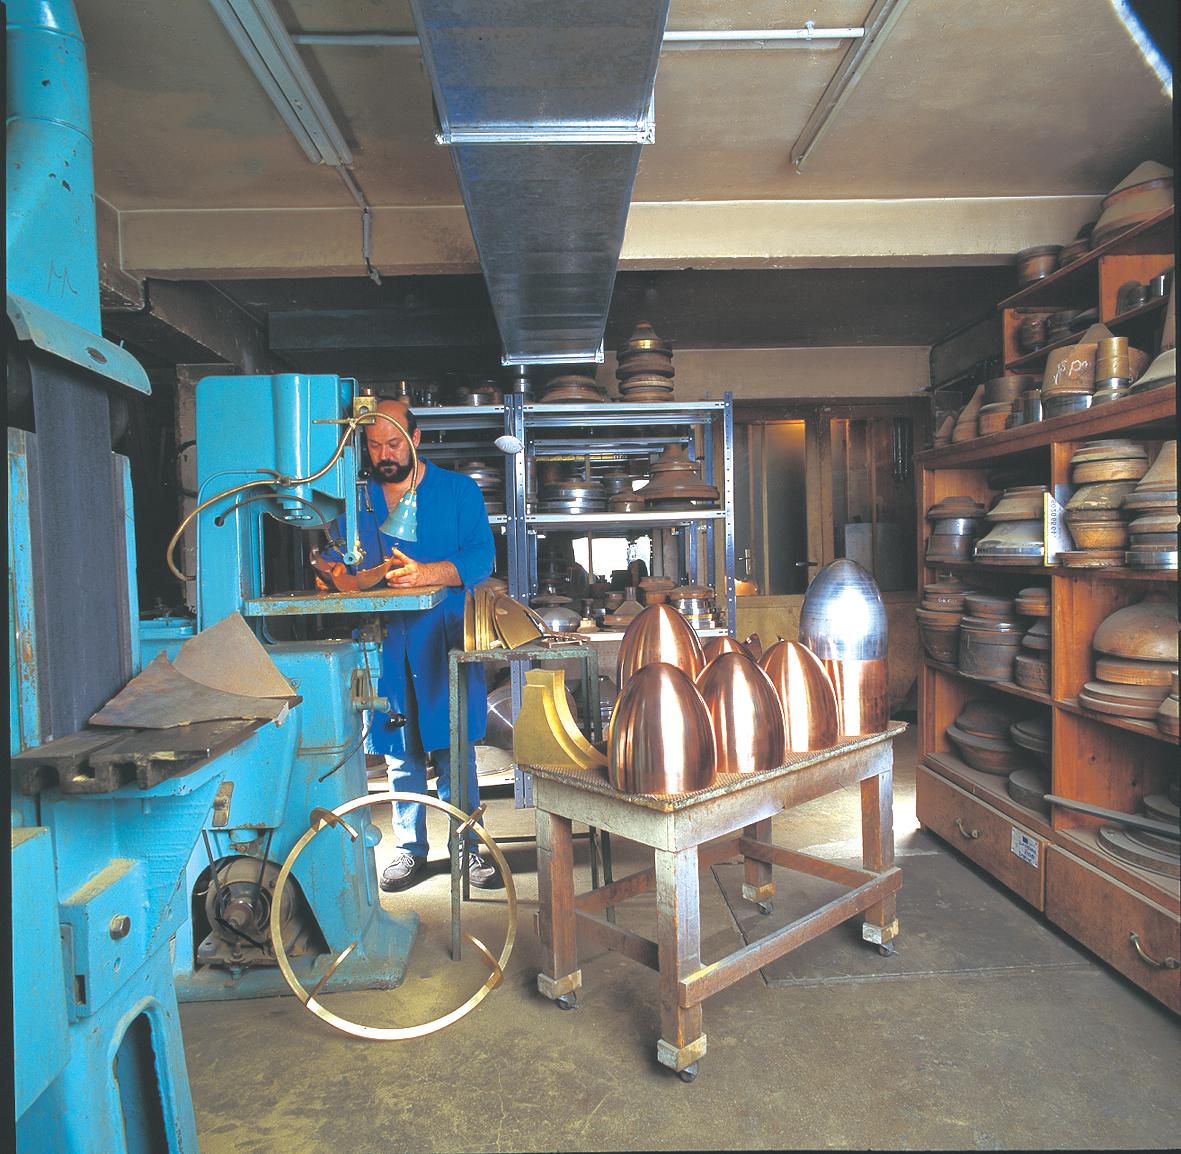 Atelier Jean Perzel - Paris